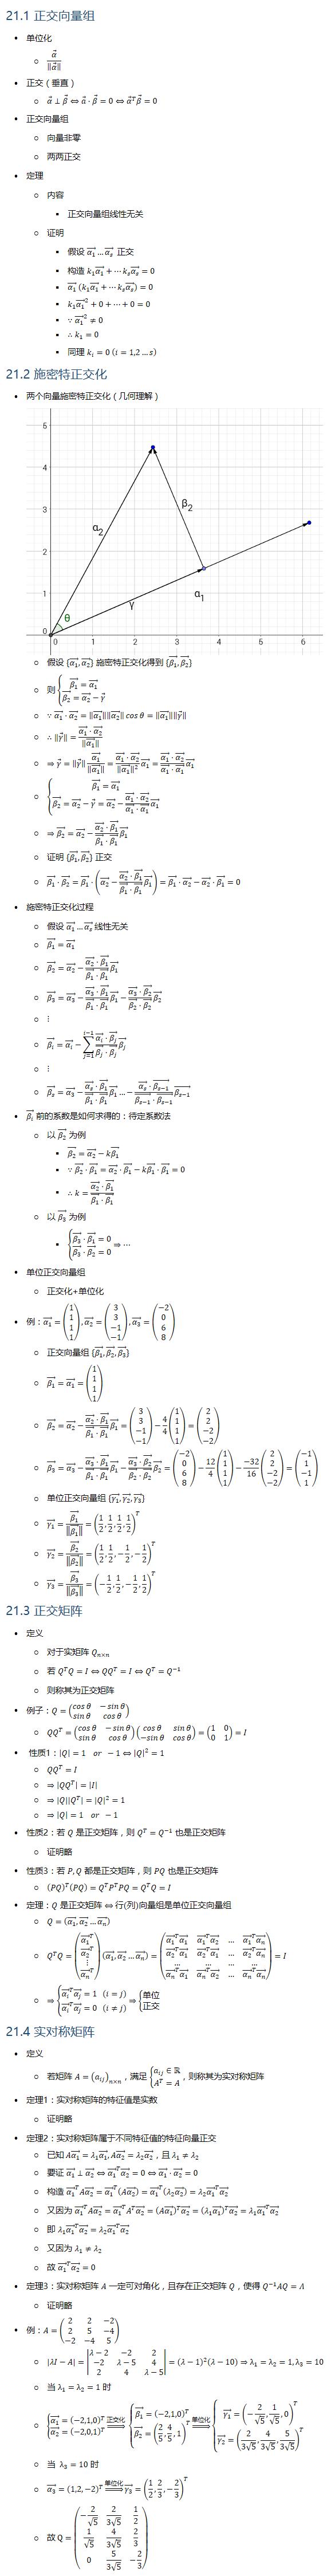 21.1 正交向量组 • 单位化 ○ α ⃗/‖■8(α ⃗ )‖ • 正交(垂直) ○ α ⃗⊥β ⃗⇔a ⃗⋅β ⃗=0⇔α ⃗^T β ⃗=0 • 正交向量组 ○ 向量非零 ○ 两两正交 • 定理 ○ 内容 § 正交向量组线性无关 ○ 证明 § 假设 (α_1 ) ⃗…(α_s ) ⃗ 正交 § 构造 k_1 (α_1 ) ⃗+…k_s (α_s ) ⃗=0 § (α_1 ) ⃗ (k_1 (α_1 ) ⃗+…k_s (α_s ) ⃗ )=0 § k_1 (α_1 ) ⃗^2+0+…+0=0 § ∵(α_1 ) ⃗^2≠0 § ∴k_1=0 § 同理 k_i=0 (i=1,2…s) 21.2 施密特正交化 • 两个向量施密特正交化(几何理解) ○ 假设 {(α_1 ) ⃗,(α_2 ) ⃗} 施密特正交化得到 {(β_1 ) ⃗,(β_2 ) ⃗} ○ 则 {█((β_1 ) ⃗=(α_1 ) ⃗@(β_2 ) ⃗=(α_2 ) ⃗−γ ⃗ )┤ ○ ∵(α_1 ) ⃗⋅(α_2 ) ⃗=‖■8((α_1 ) ⃗ )‖‖■8((α_2 ) ⃗ )‖ cosθ=‖■8((α_1 ) ⃗ )‖‖■8(γ ⃗ )‖ ○ ∴‖■8(γ ⃗ )‖=((α_1 ) ⃗⋅(α_2 ) ⃗)/‖■8((α_1 ) ⃗ )‖ ○ ⇒■8(γ ⃗ )=‖■8(■8(γ ⃗ ))‖ (α_1 ) ⃗/‖■8((α_1 ) ⃗ )‖ =((α_1 ) ⃗⋅(α_2 ) ⃗)/‖■8((α_1 ) ⃗ )‖^2 (α_1 ) ⃗=((α_1 ) ⃗⋅(α_2 ) ⃗)/((α_1 ) ⃗⋅(α_1 ) ⃗ ) (α_1 ) ⃗ ○ {█((β_1 ) ⃗=(α_1 ) ⃗@(β_2 ) ⃗=(α_2 ) ⃗−γ ⃗=(α_2 ) ⃗−((α_1 ) ⃗⋅(α_2 ) ⃗)/((α_1 ) ⃗⋅(α_1 ) ⃗ ) (α_1 ) ⃗ )┤ ○ ⇒(β_2 ) ⃗=(α_2 ) ⃗−((α_2 ) ⃗⋅(β_1 ) ⃗)/((β_1 ) ⃗⋅(β_1 ) ⃗ ) (β_1 ) ⃗ ○ 证明 {(β_1 ) ⃗,(β_2 ) ⃗} 正交 ○ (β_1 ) ⃗⋅(β_2 ) ⃗=(β_1 ) ⃗⋅((α_2 ) ⃗−((α_2 ) ⃗⋅(β_1 ) ⃗)/((β_1 ) ⃗⋅(β_1 ) ⃗ ) (β_1 ) ⃗ )=(β_1 ) ⃗⋅(α_2 ) ⃗−(α_2 ) ⃗⋅(β_1 ) ⃗=0 • 施密特正交化过程 ○ 假设 (α_1 ) ⃗…(α_s ) ⃗ 线性无关 ○ (β_1 ) ⃗=(α_1 ) ⃗ ○ (β_2 ) ⃗=(α_2 ) ⃗−((α_2 ) ⃗⋅(β_1 ) ⃗)/((β_1 ) ⃗⋅(β_1 ) ⃗ ) (β_1 ) ⃗ ○ (β_3 ) ⃗=(α_3 ) ⃗−((α_3 ) ⃗⋅(β_1 ) ⃗)/((β_1 ) ⃗⋅(β_1 ) ⃗ ) (β_1 ) ⃗−((α_3 ) ⃗⋅(β_2 ) ⃗)/((β_2 ) ⃗⋅(β_2 ) ⃗ ) (β_2 ) ⃗ ○ ⋮ ○ (β_i ) ⃗=(α_i ) ⃗−∑_(j=1)^(i−1)▒〖((α_i ) ⃗⋅(β_j ) ⃗)/((β_j ) ⃗⋅(β_j ) ⃗ ) (β_j ) ⃗ 〗 ○ ⋮ ○ (β_s ) ⃗=(α_3 ) ⃗−((α_s ) ⃗⋅(β_1 ) ⃗)/((β_1 ) ⃗⋅(β_1 ) ⃗ ) (β_1 ) ⃗…−((α_s ) ⃗⋅(β_(s−1) ) ⃗)/((β_(s−1) ) ⃗⋅(β_(s−1) ) ⃗ ) (β_(s−1) ) ⃗ • (β_i ) ⃗ 前的系数是如何求得的:待定系数法 ○ 以 (β_2 ) ⃗ 为例 § (β_2 ) ⃗=(α_2 ) ⃗−k(β_1 ) ⃗ § ∵(β_2 ) ⃗⋅(β_1 ) ⃗=(α_2 ) ⃗⋅(β_1 ) ⃗−k(β_1 ) ⃗⋅(β_1 ) ⃗=0 § ∴k=((α_2 ) ⃗⋅(β_1 ) ⃗)/((β_1 ) ⃗⋅(β_1 ) ⃗ ) ○ 以 (β_3 ) ⃗ 为例 § {█((β_3 ) ⃗⋅(β_1 ) ⃗=0@(β_3 ) ⃗⋅(β_2 ) ⃗=0)┤⇒… • 单位正交向量组 ○ 正交化+单位化 • 例:(α_1 ) ⃗=(■8(1@1@1@1)),(α_2 ) ⃗=(■8(3@3@−1@−1)),(α_3 ) ⃗=(■8(−2@0@6@8)) ○ 正交向量组 {(β_1 ) ⃗,(β_2 ) ⃗,(β_3 ) ⃗} ○ (β_1 ) ⃗=(α_1 ) ⃗=(■8(1@1@1@1)) ○ (β_2 ) ⃗=(α_2 ) ⃗−((α_2 ) ⃗⋅(β_1 ) ⃗)/((β_1 ) ⃗⋅(β_1 )